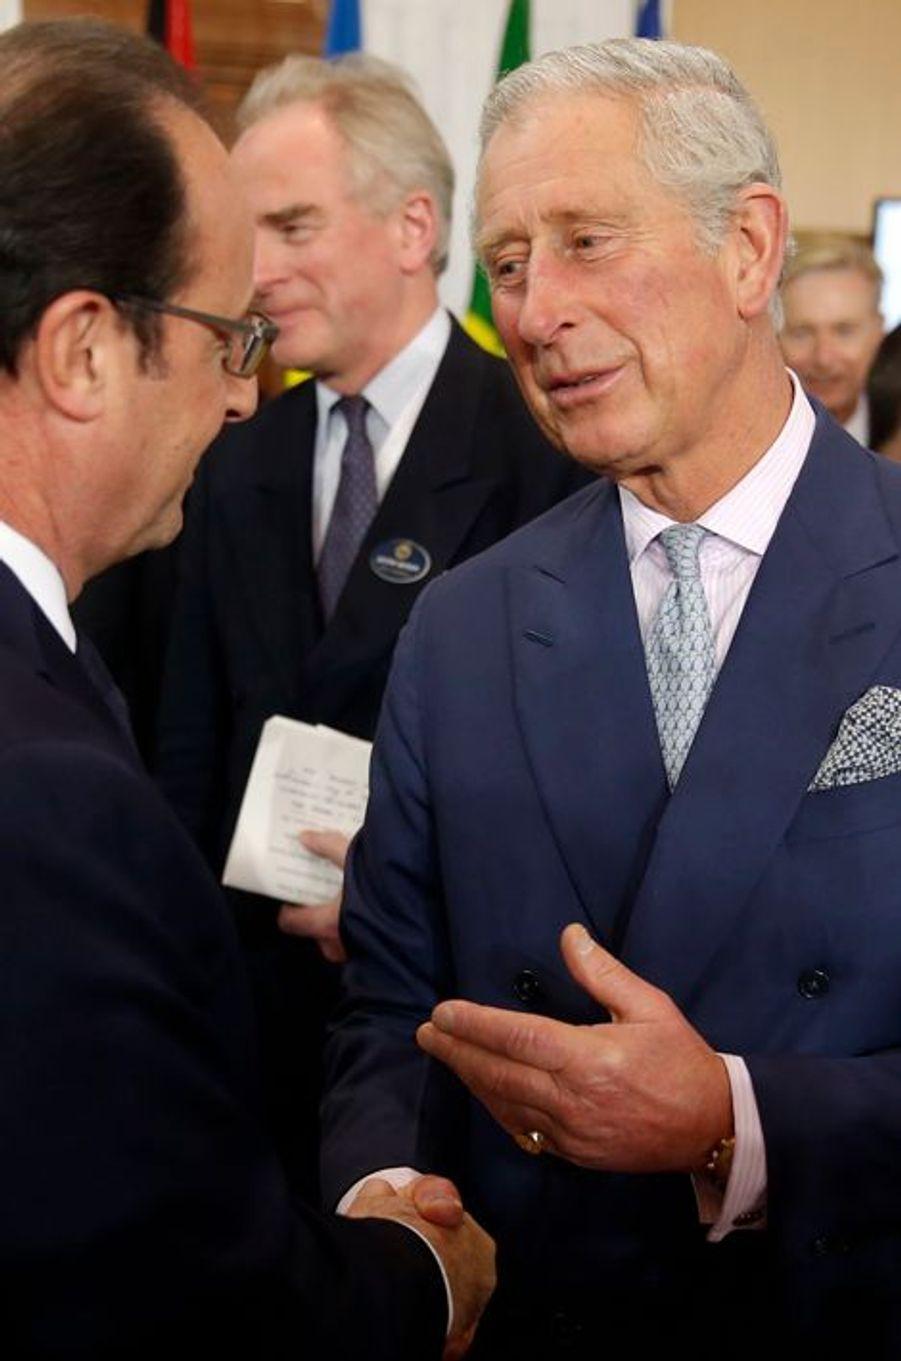 Le prince Charles avec François Hollande à Malte, le 27 novembre 2015